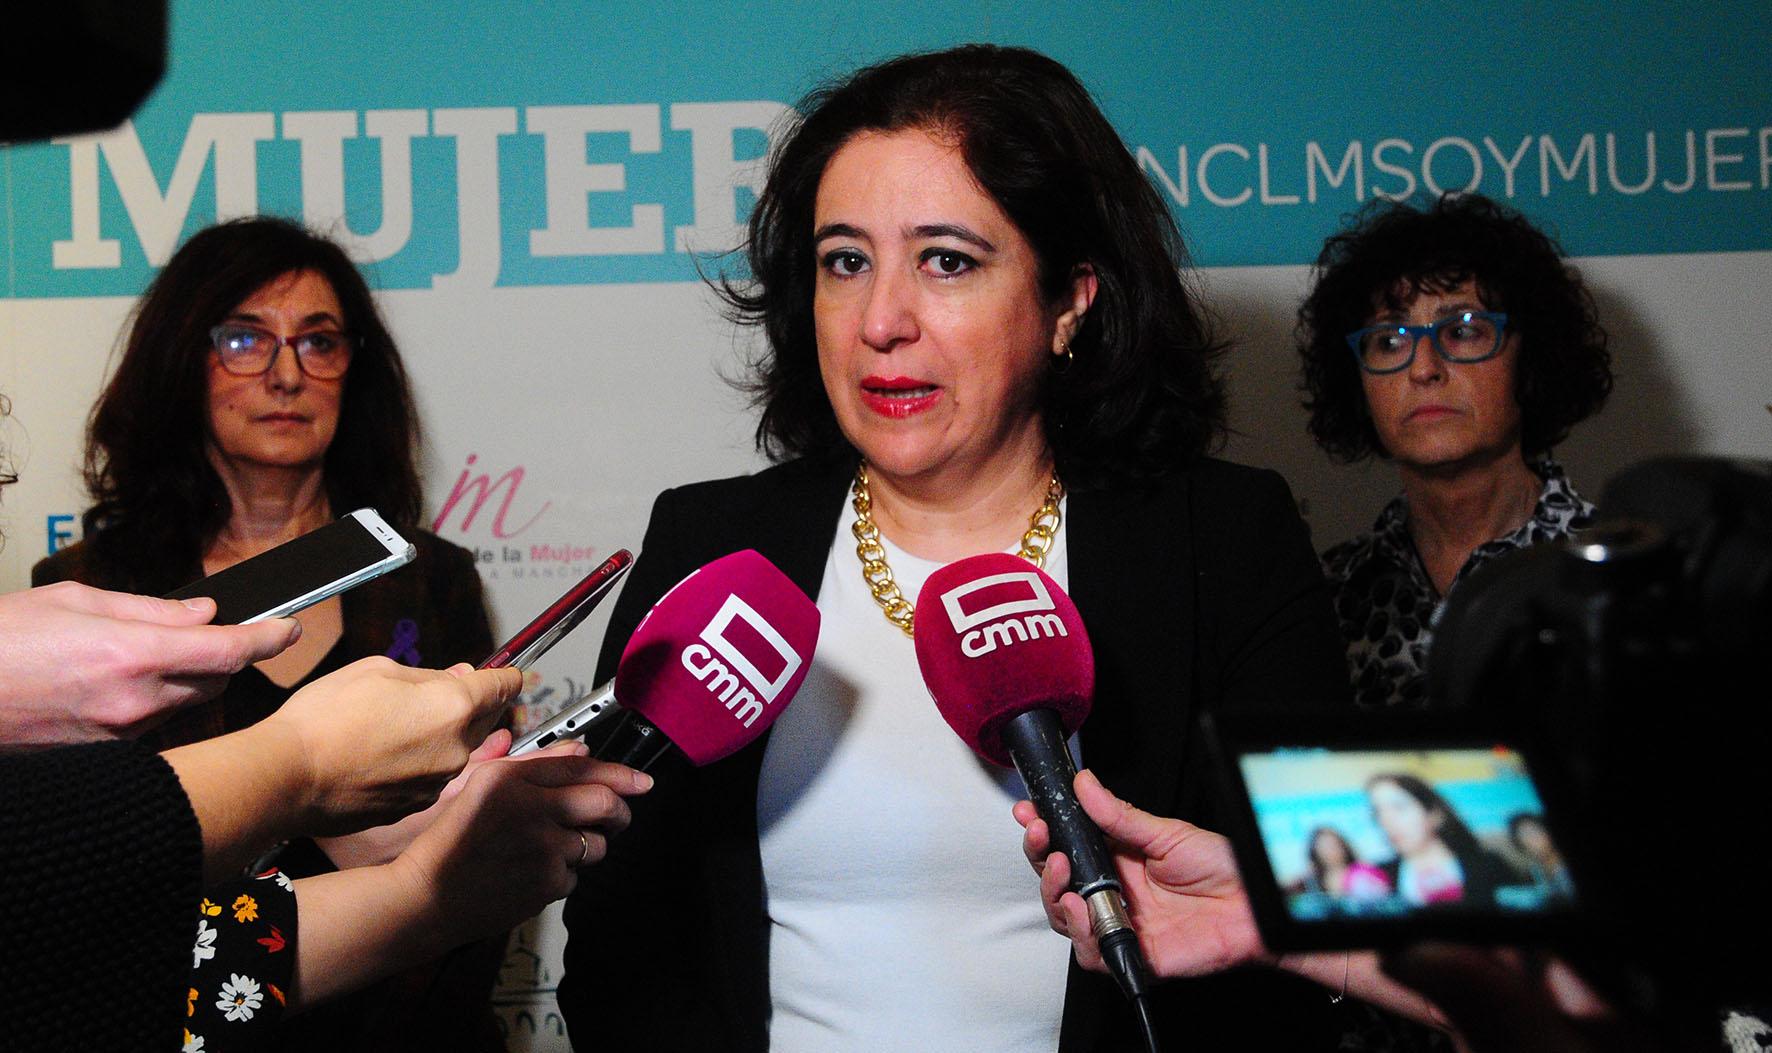 Fátima Guadamillas, vicerrectora de la UCLM.